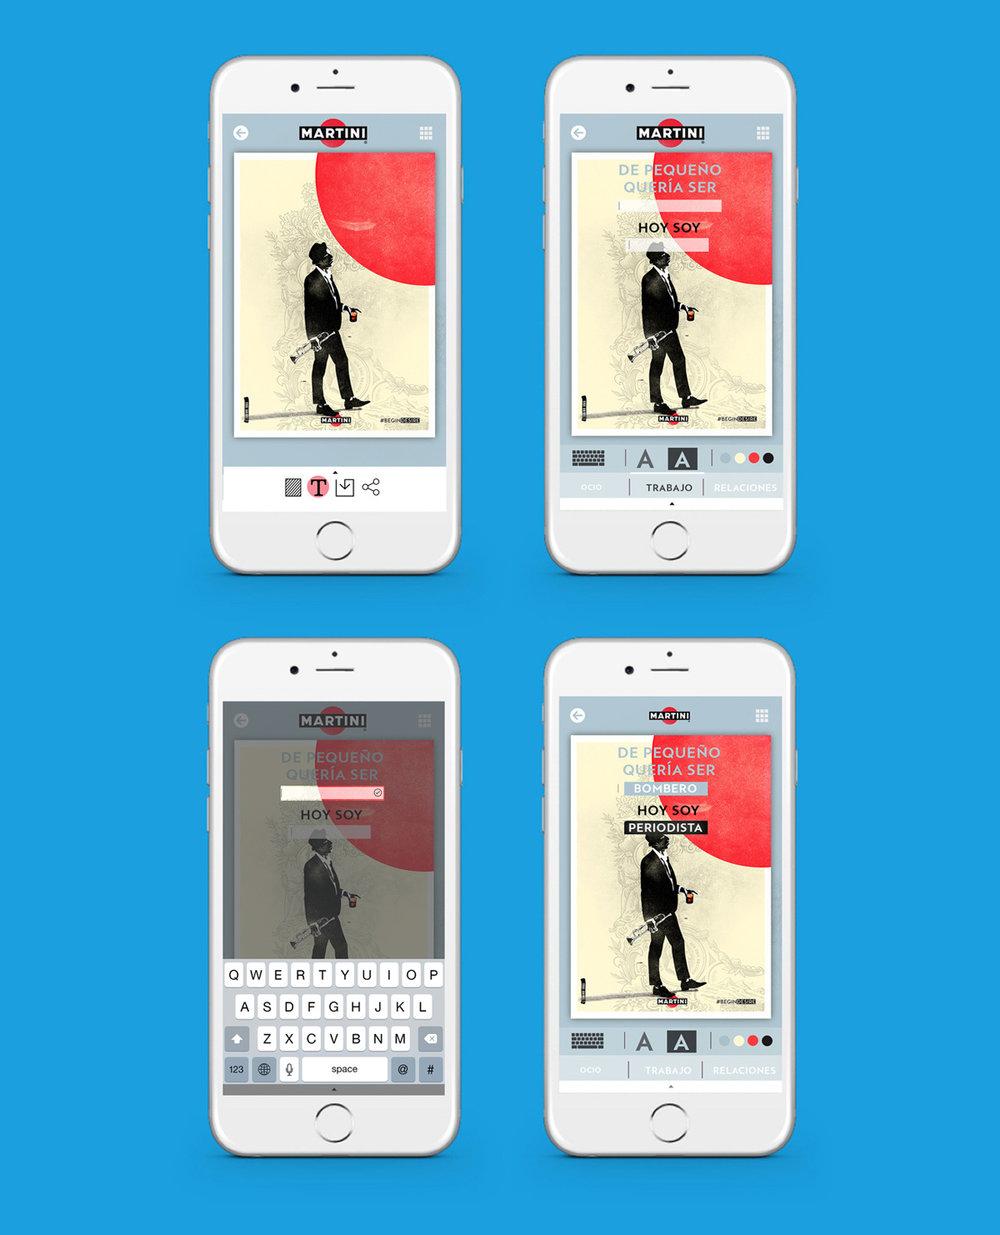 app_begindesire.jpg